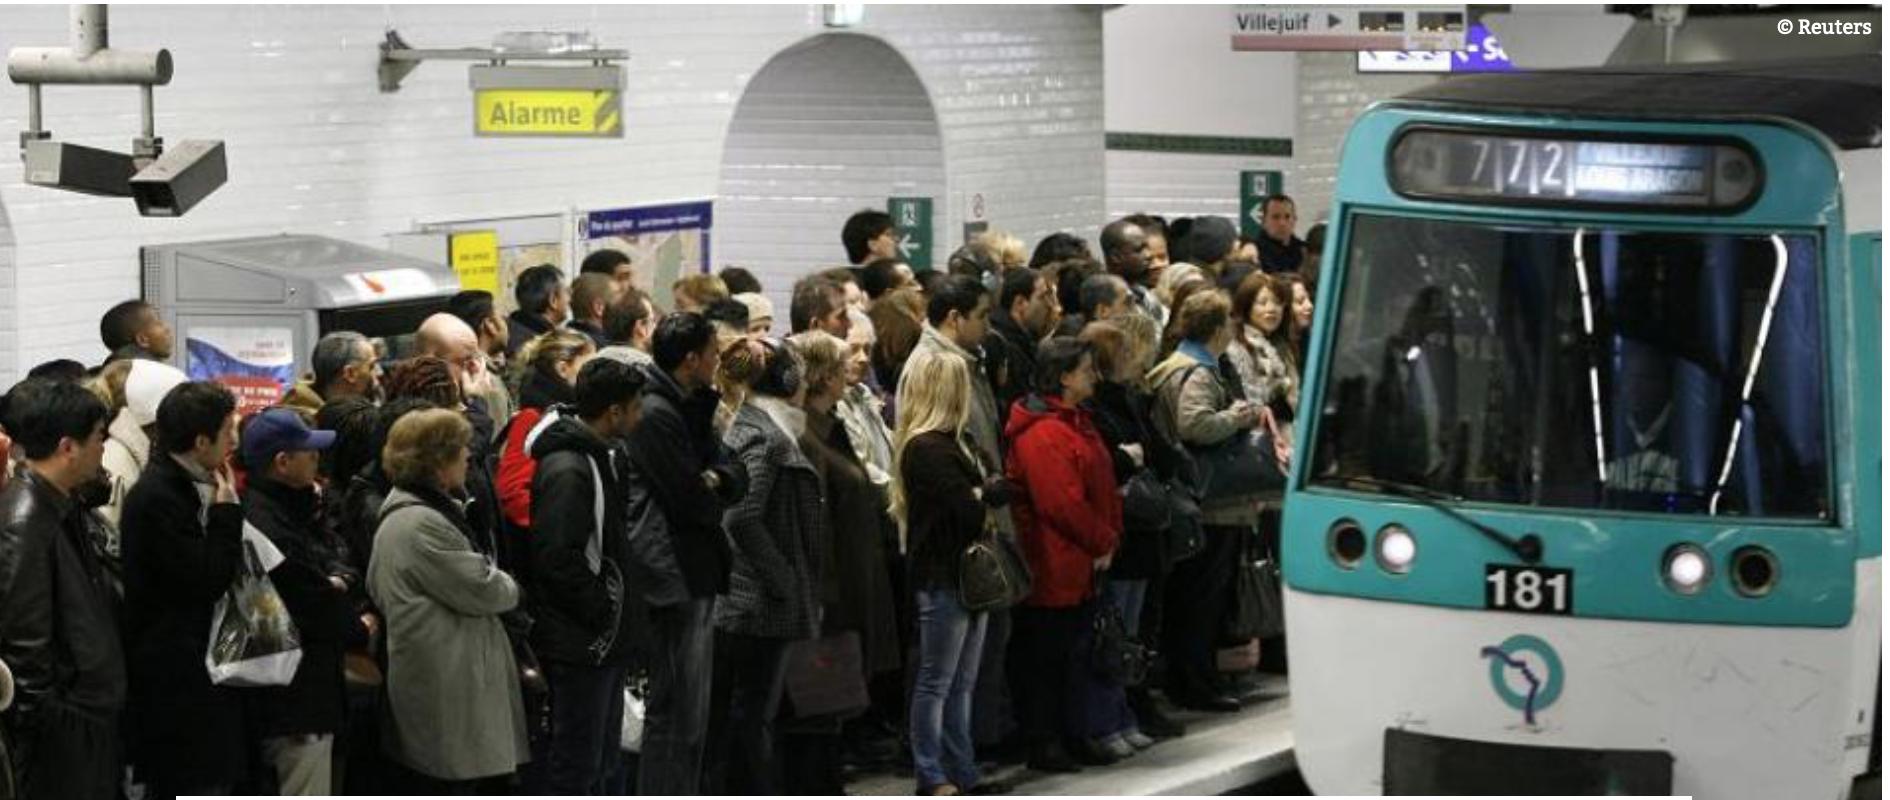 Ne parlez pas hébreu dans le métro ! En tout cas, pas à la station Château d'Eau : ça peut être dangereux.